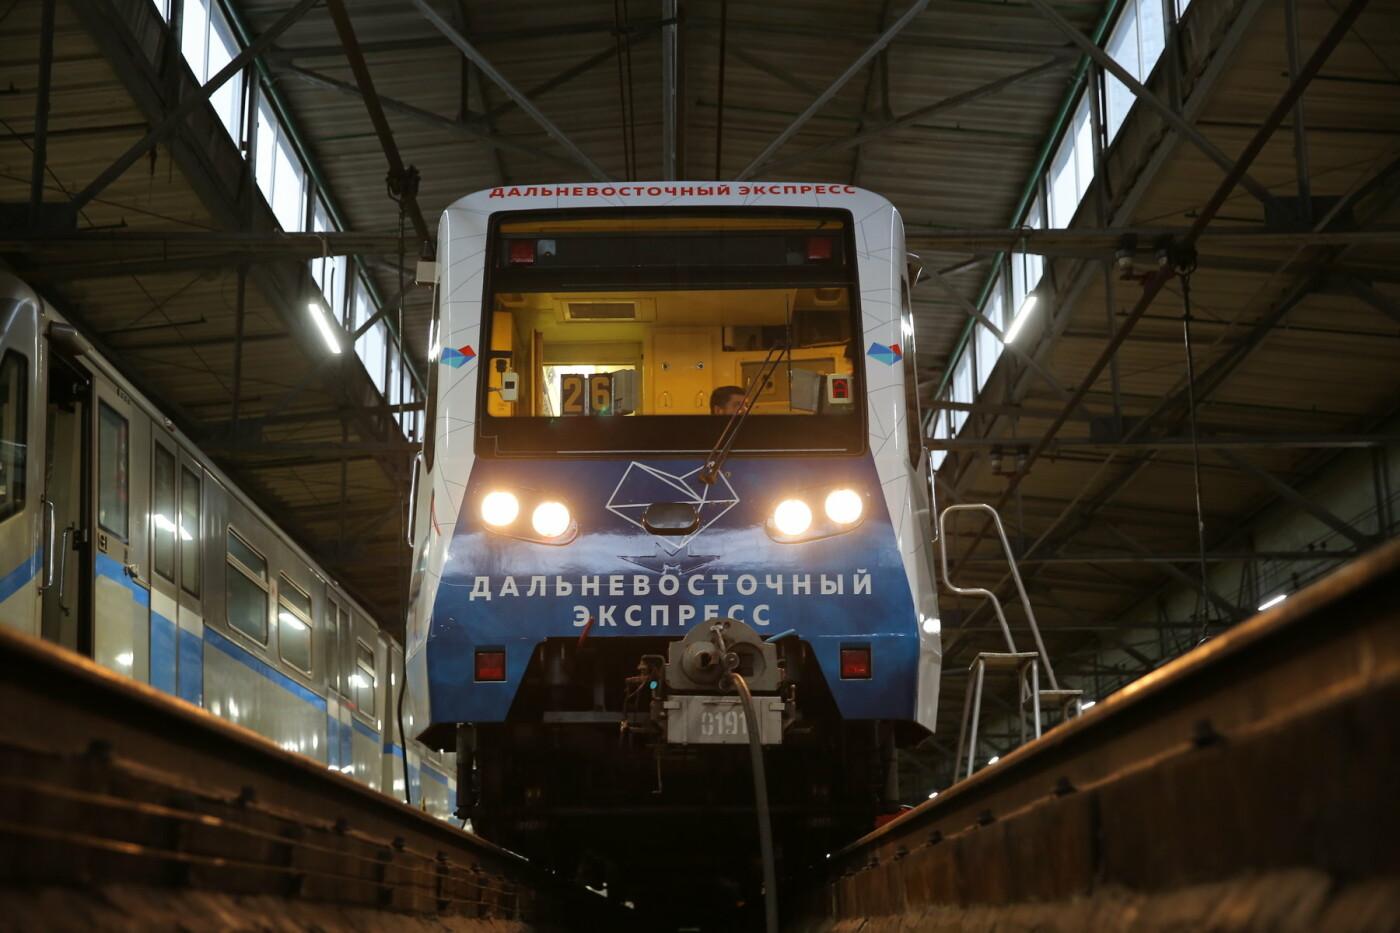 На Кольцевую линию столичного метро вышел «Дальневосточный экспресс» , фото-1